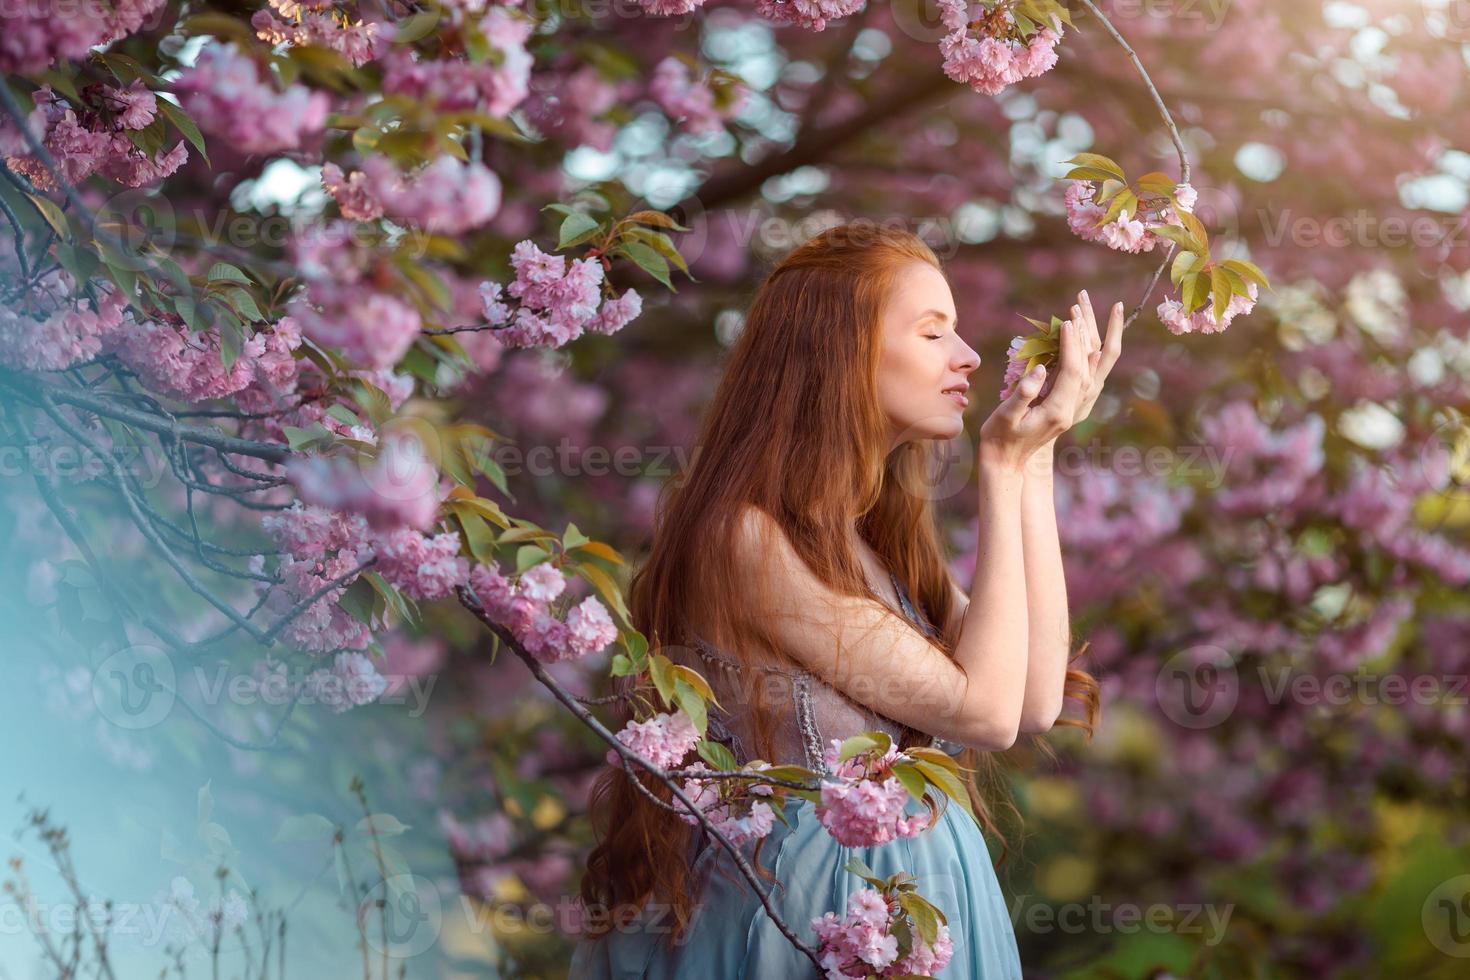 vacker gravid kvinna i blommande trädgård foto